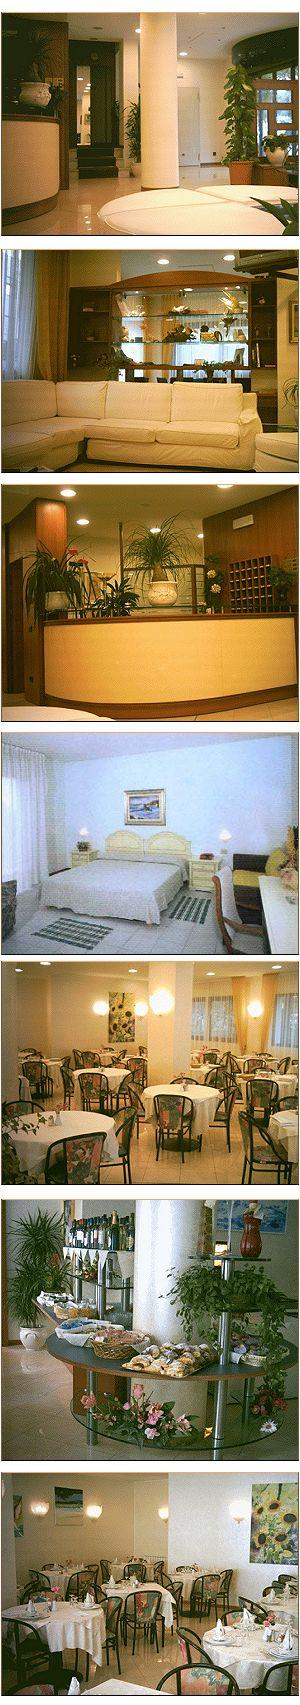 Hotel Sole Hotel Diano Marina